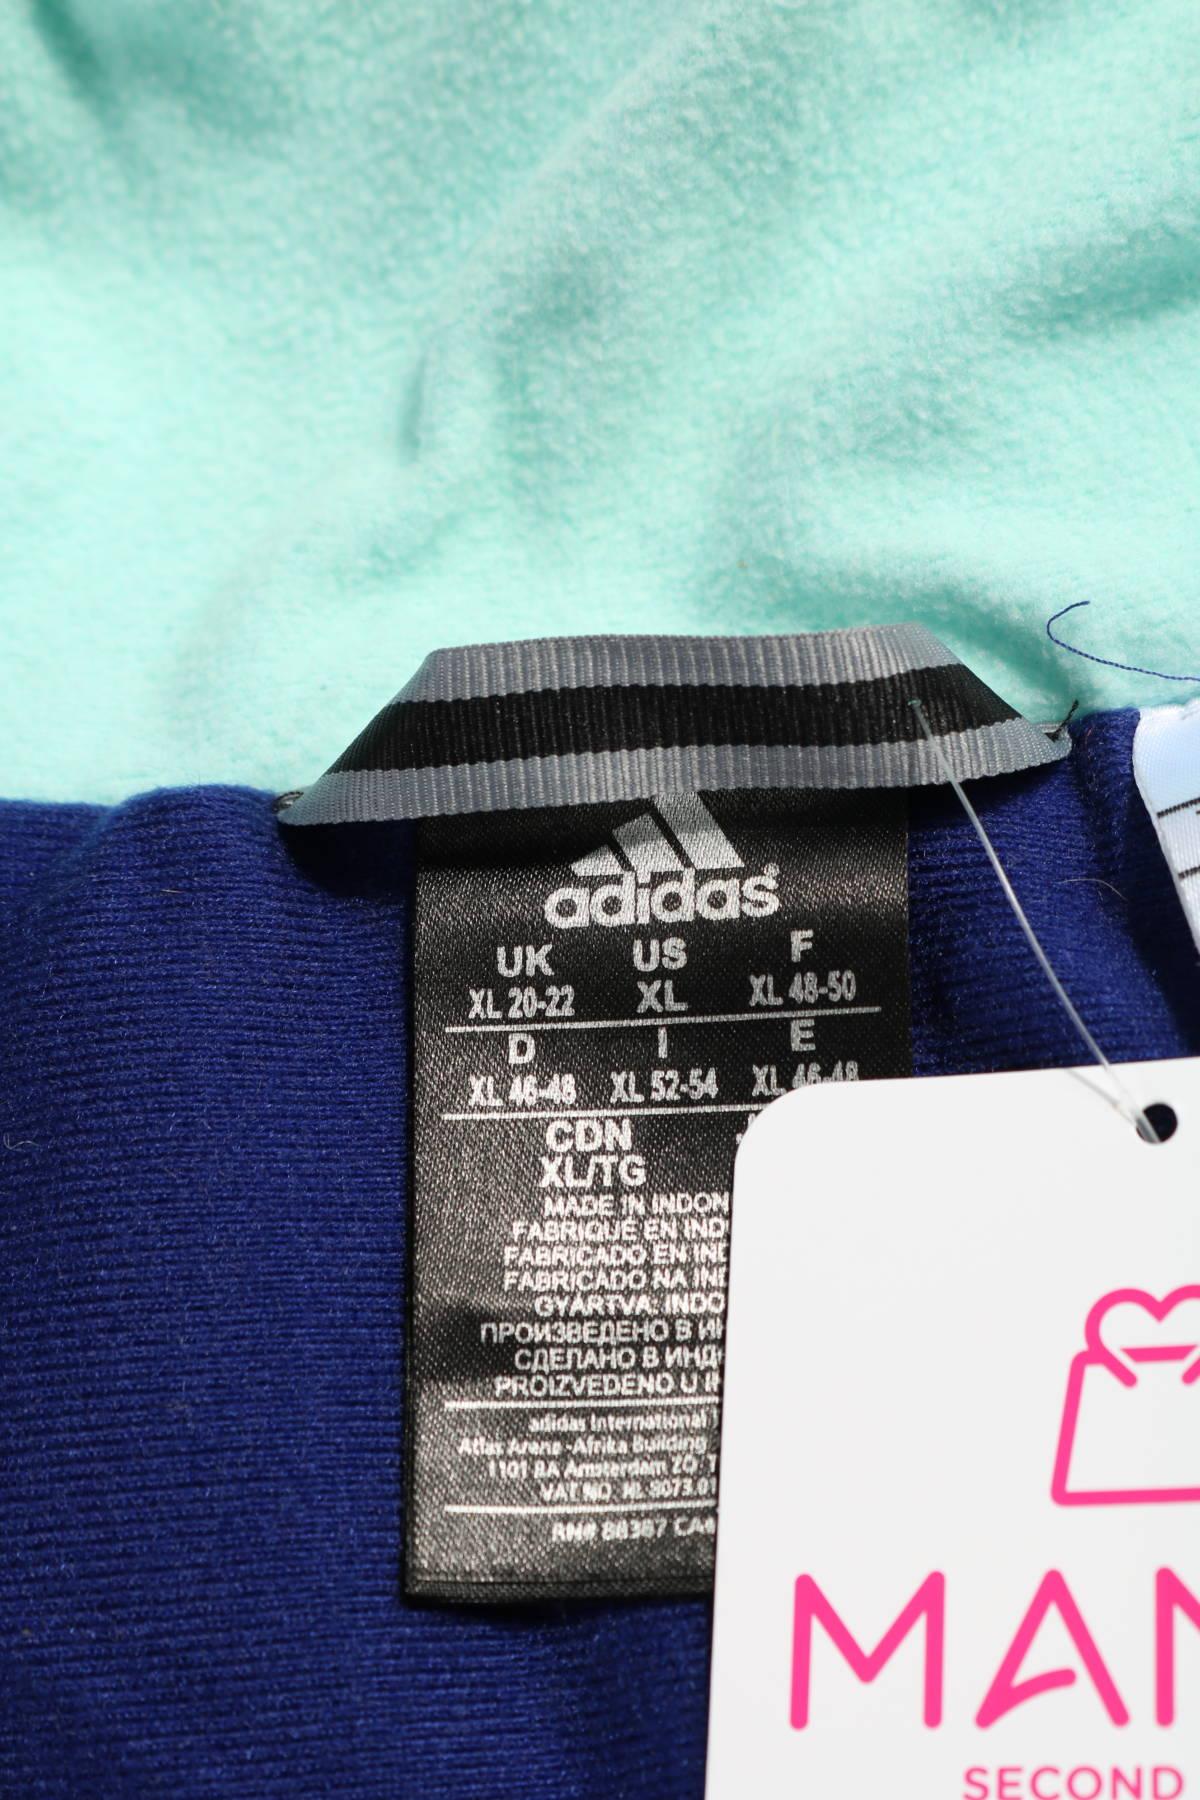 Яке Adidas3